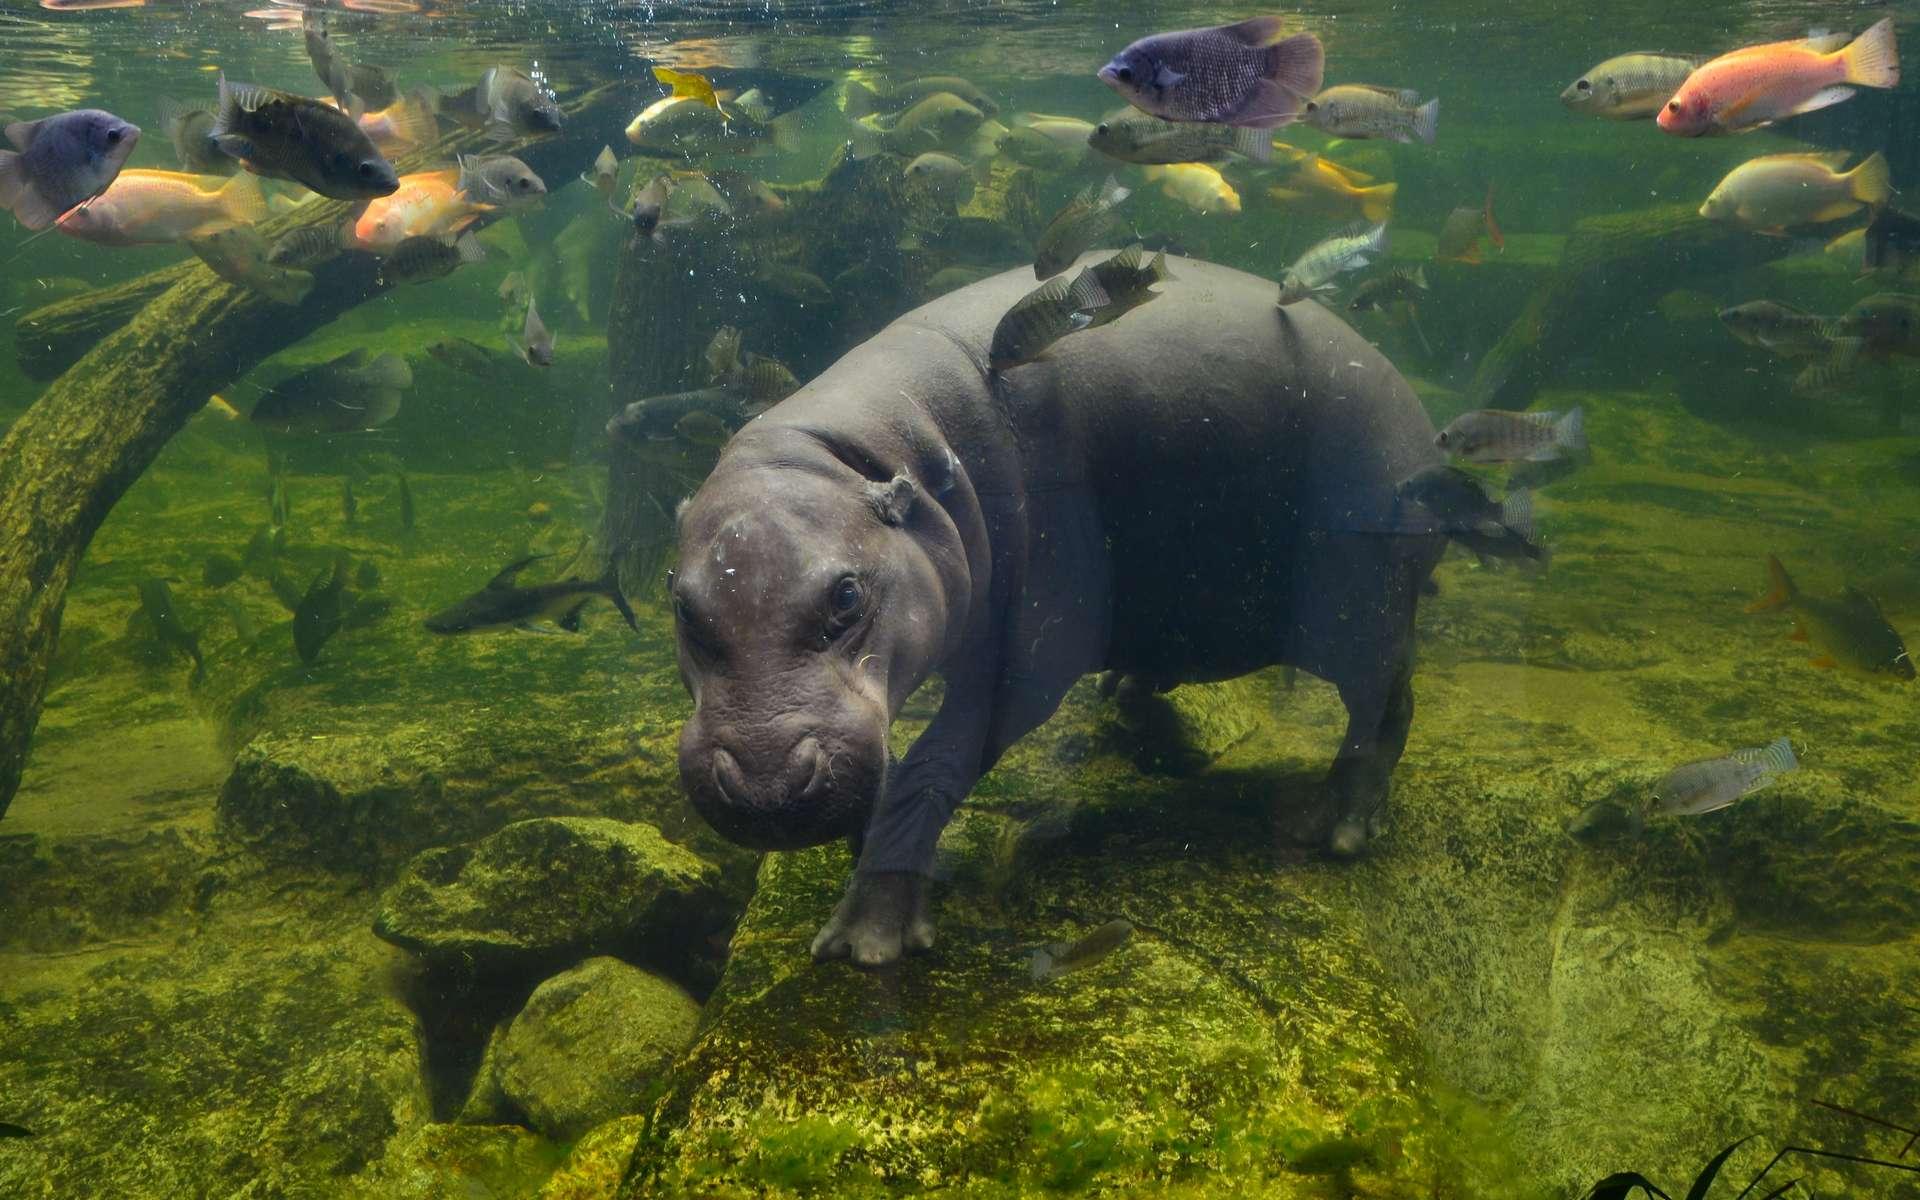 Les hippopotames pygmées de Madagascar étaient en compétition pour l'espace et pour la nourriture avec les chèvres domestiques. © Tatiana Grozetskaya, Adobe Stock